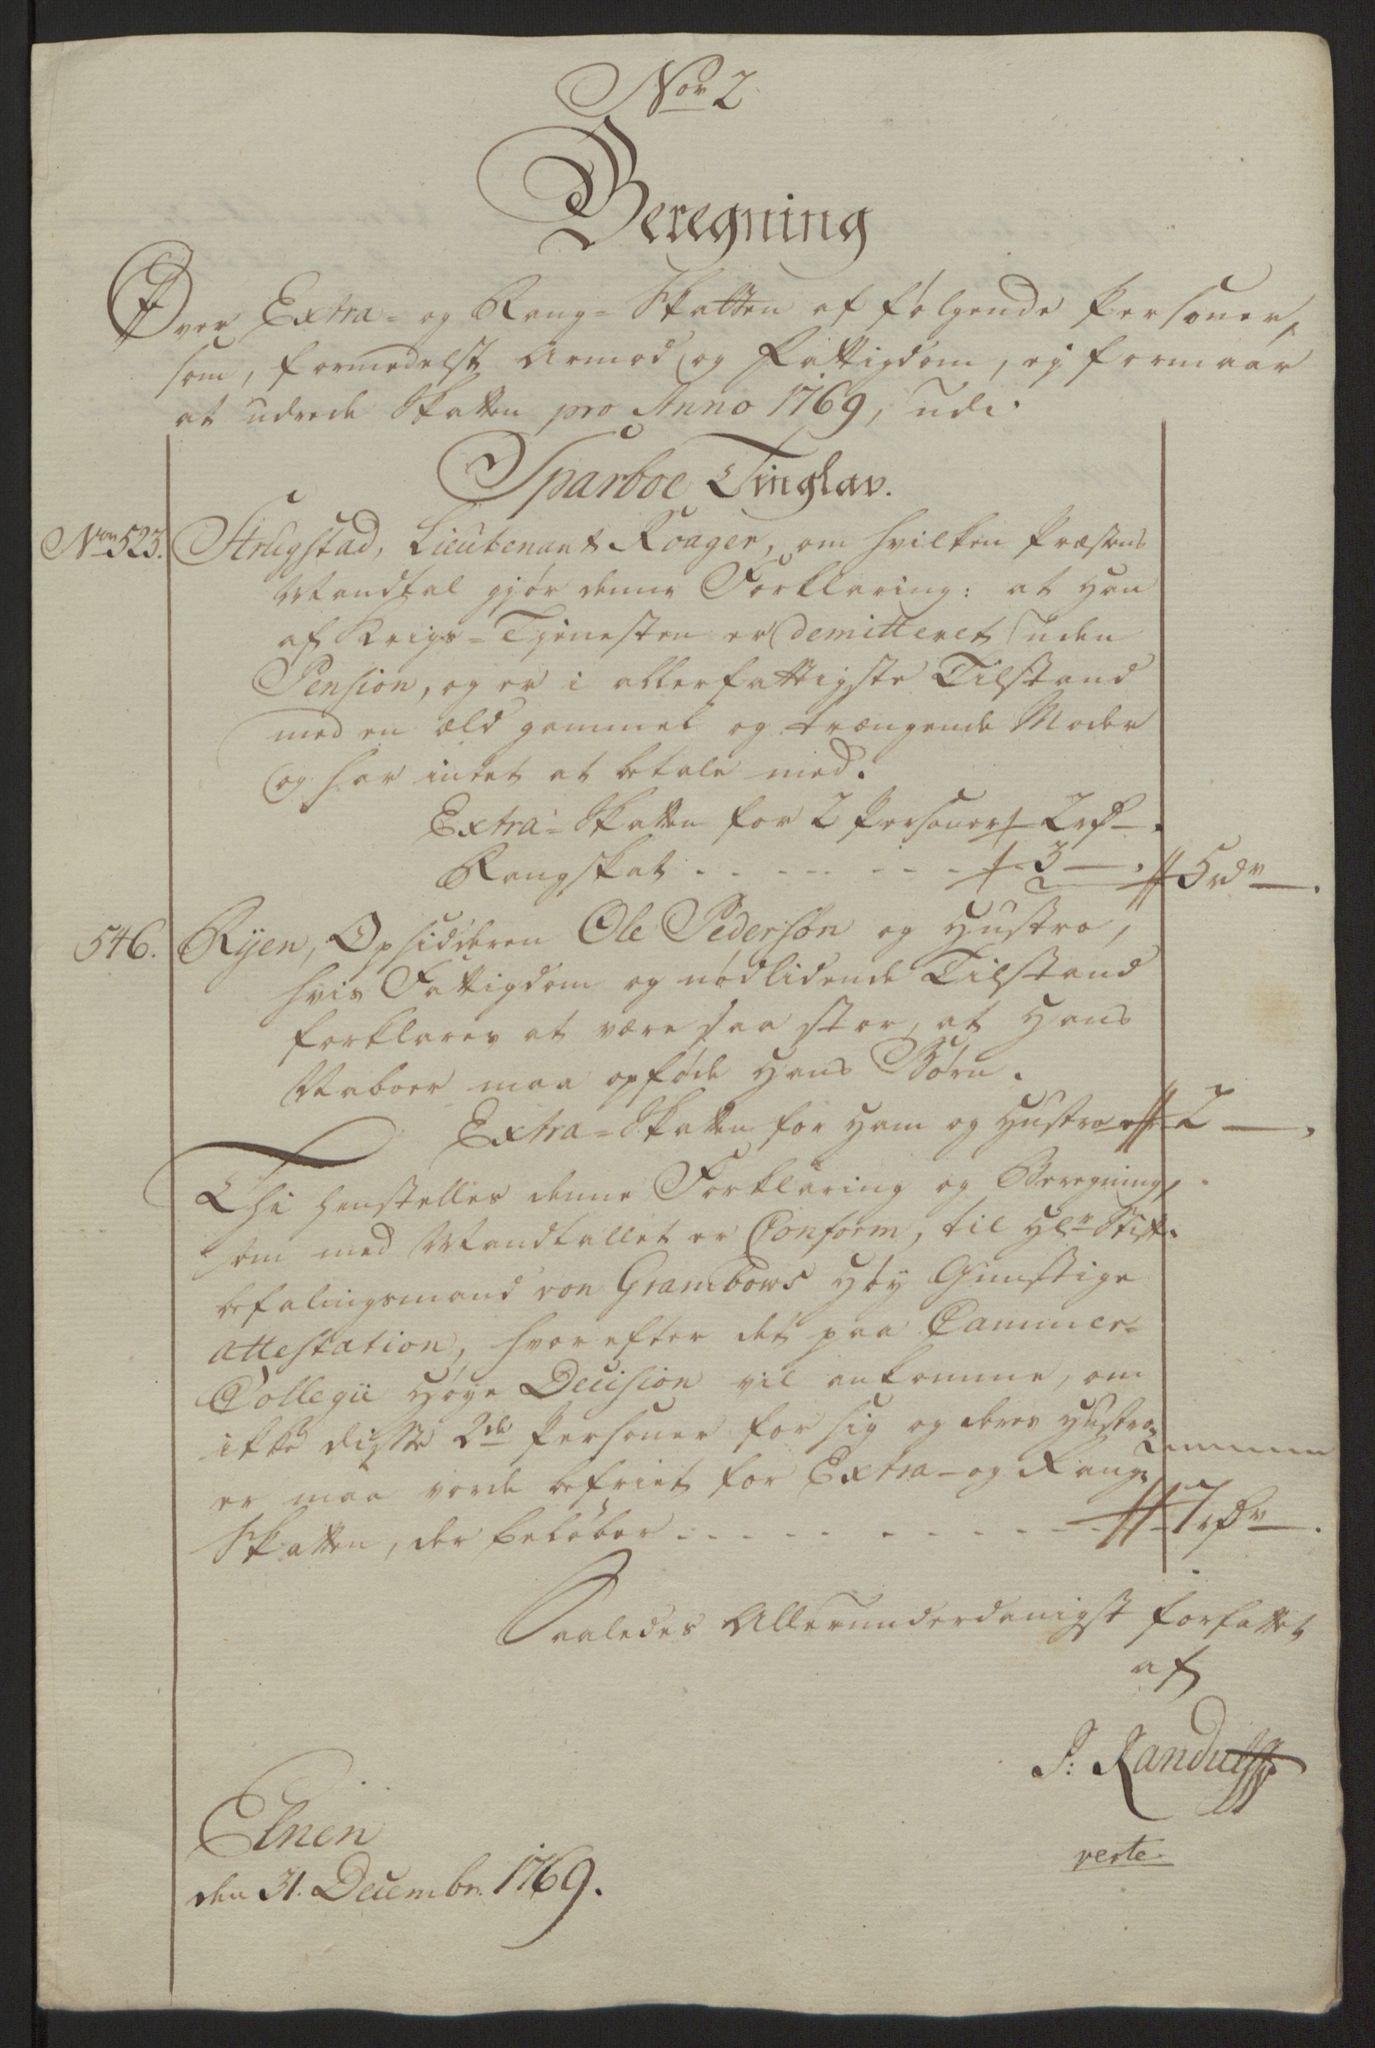 RA, Rentekammeret inntil 1814, Reviderte regnskaper, Fogderegnskap, R63/L4420: Ekstraskatten Inderøy, 1762-1772, s. 358